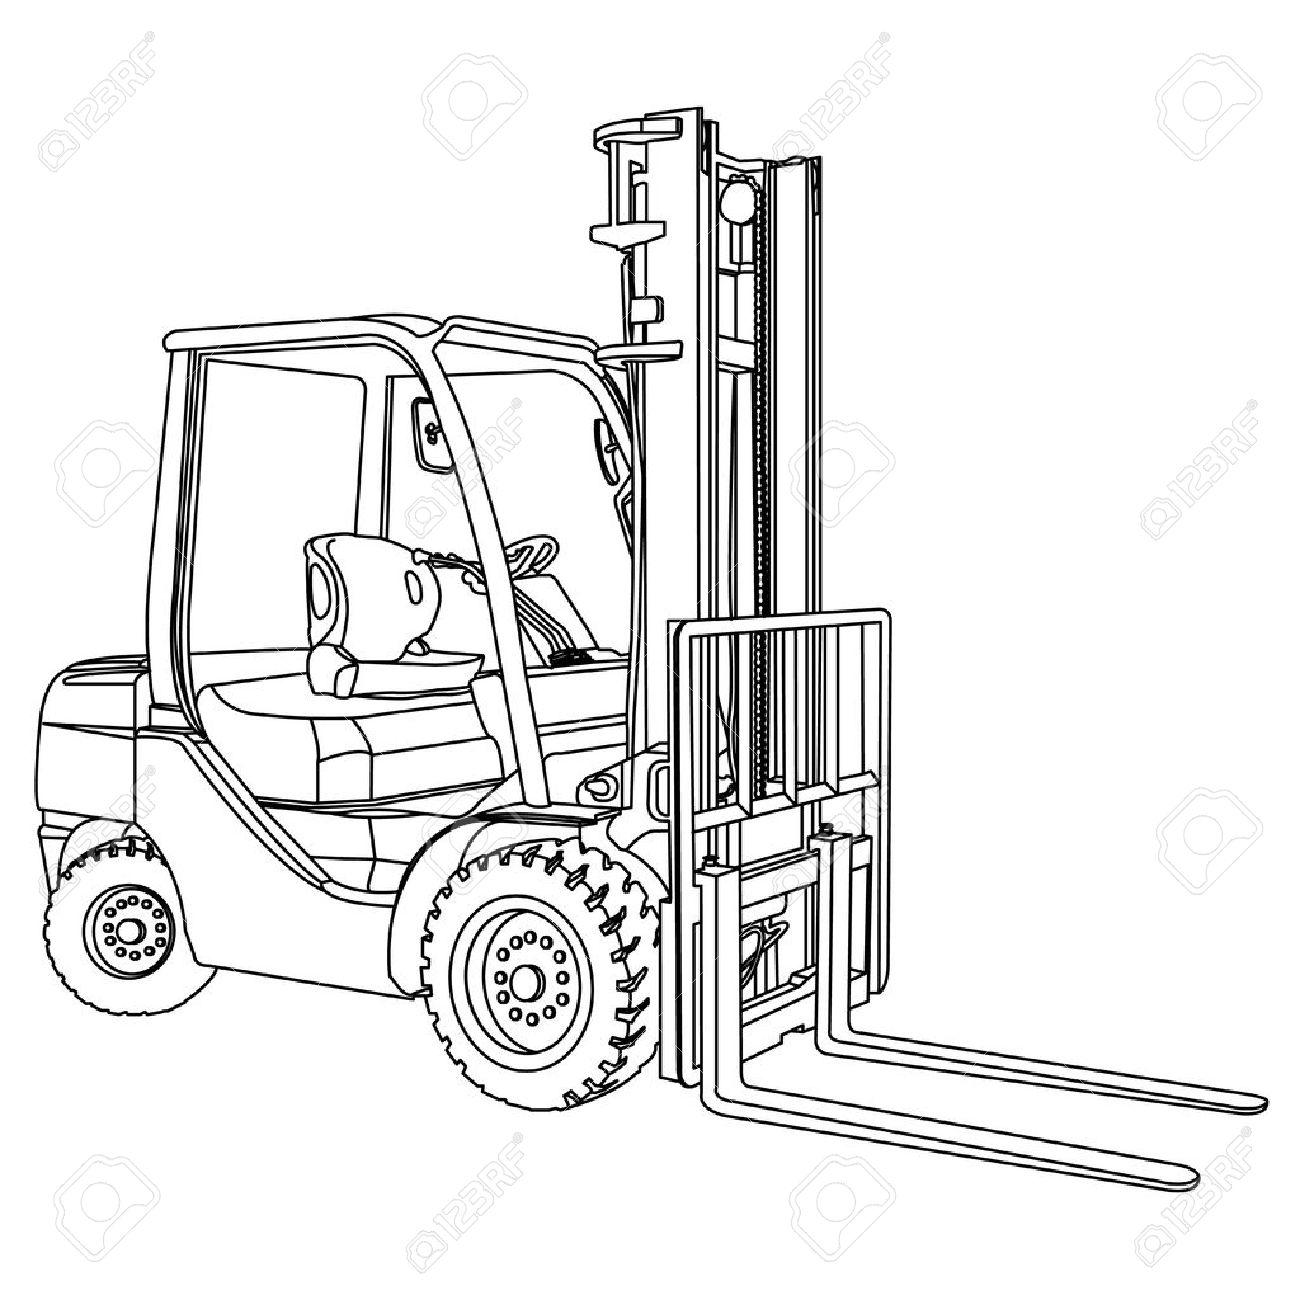 Forklift outline vector - 23660320